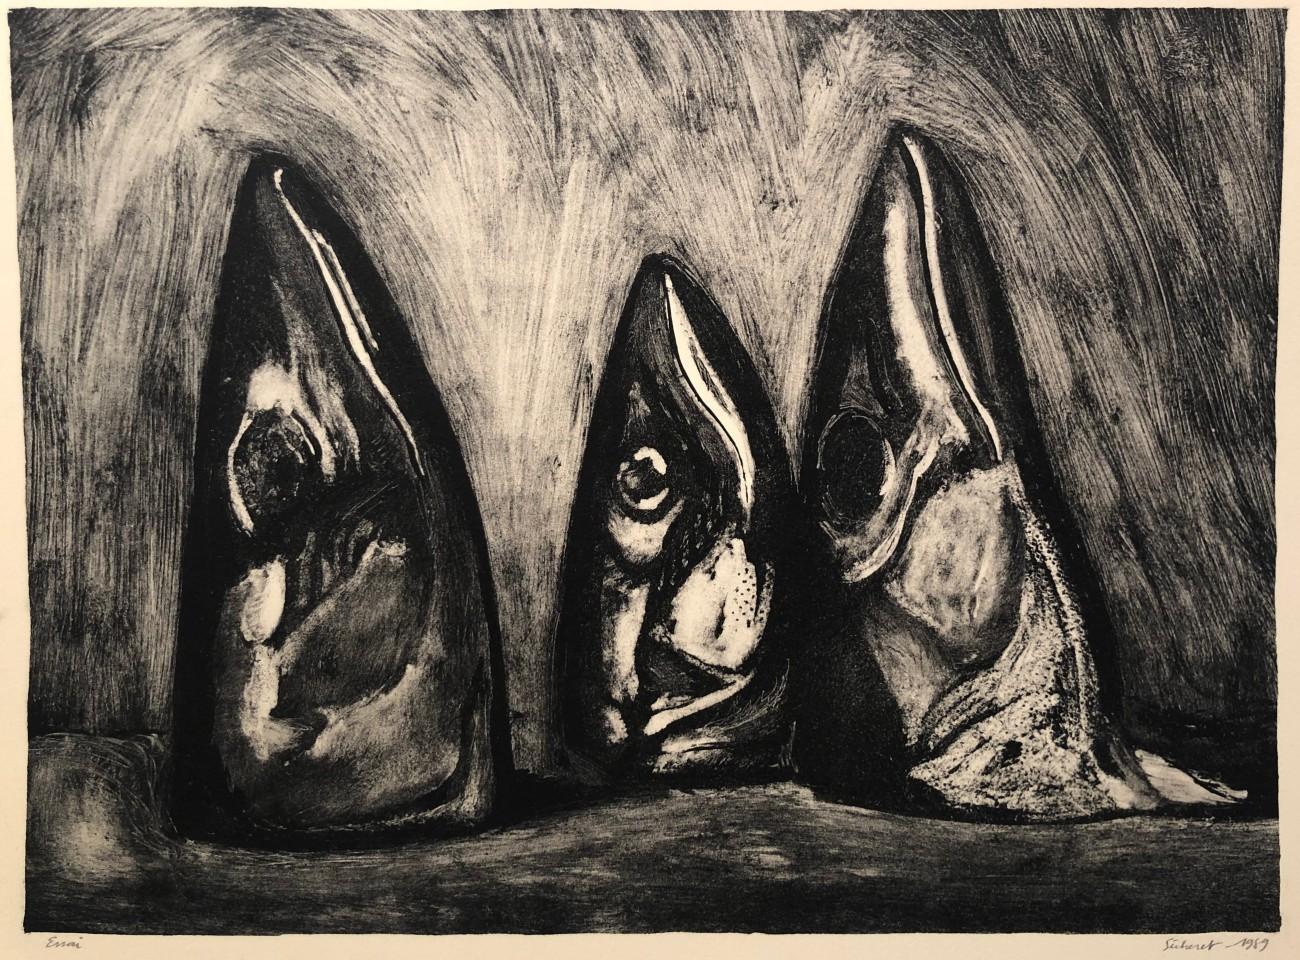 Jean-Baptiste Sécheret, Les Trois maquereaux, 1989